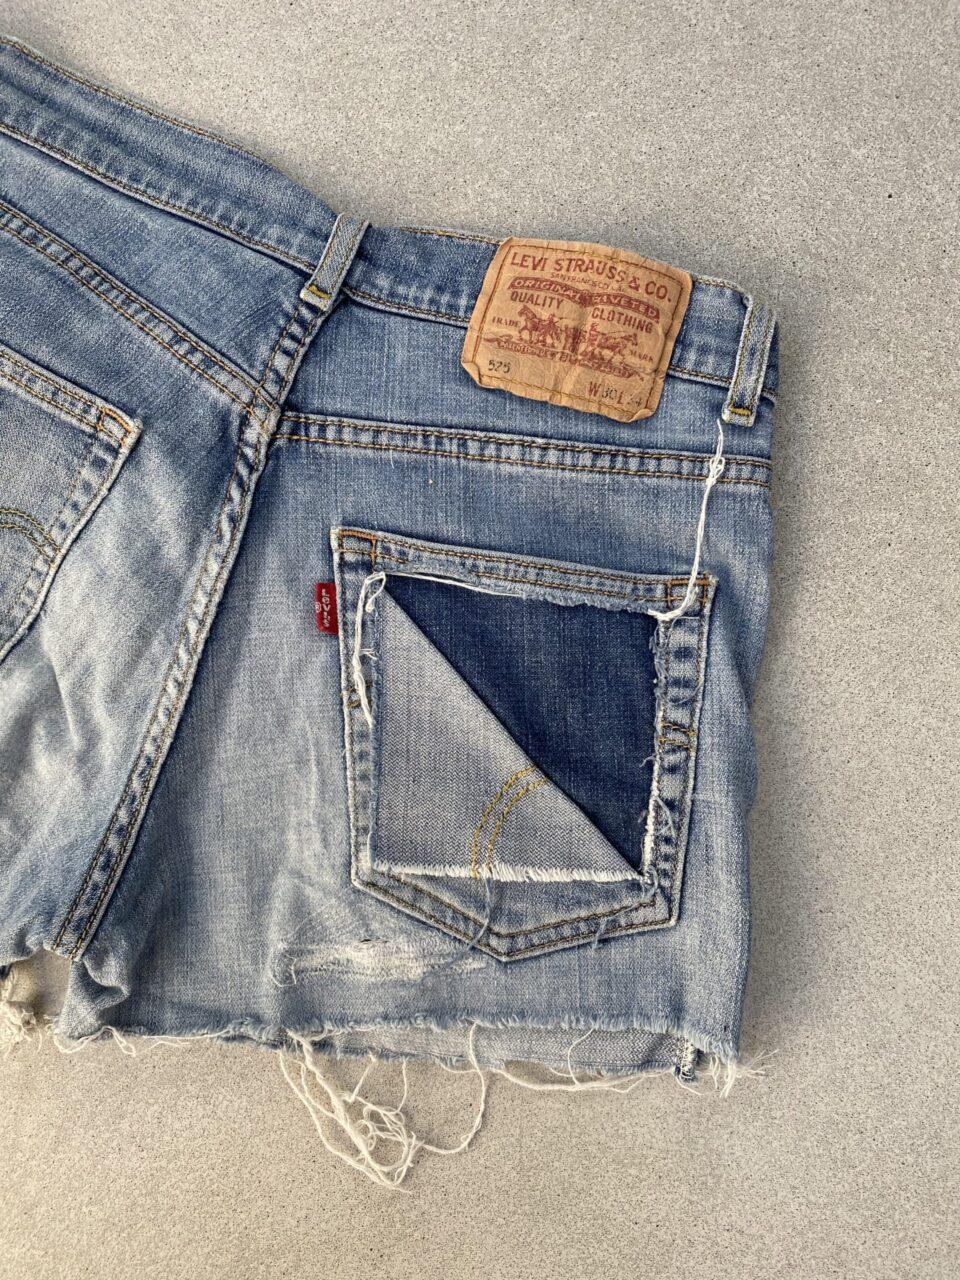 Levi's broekje met gescheurde zak